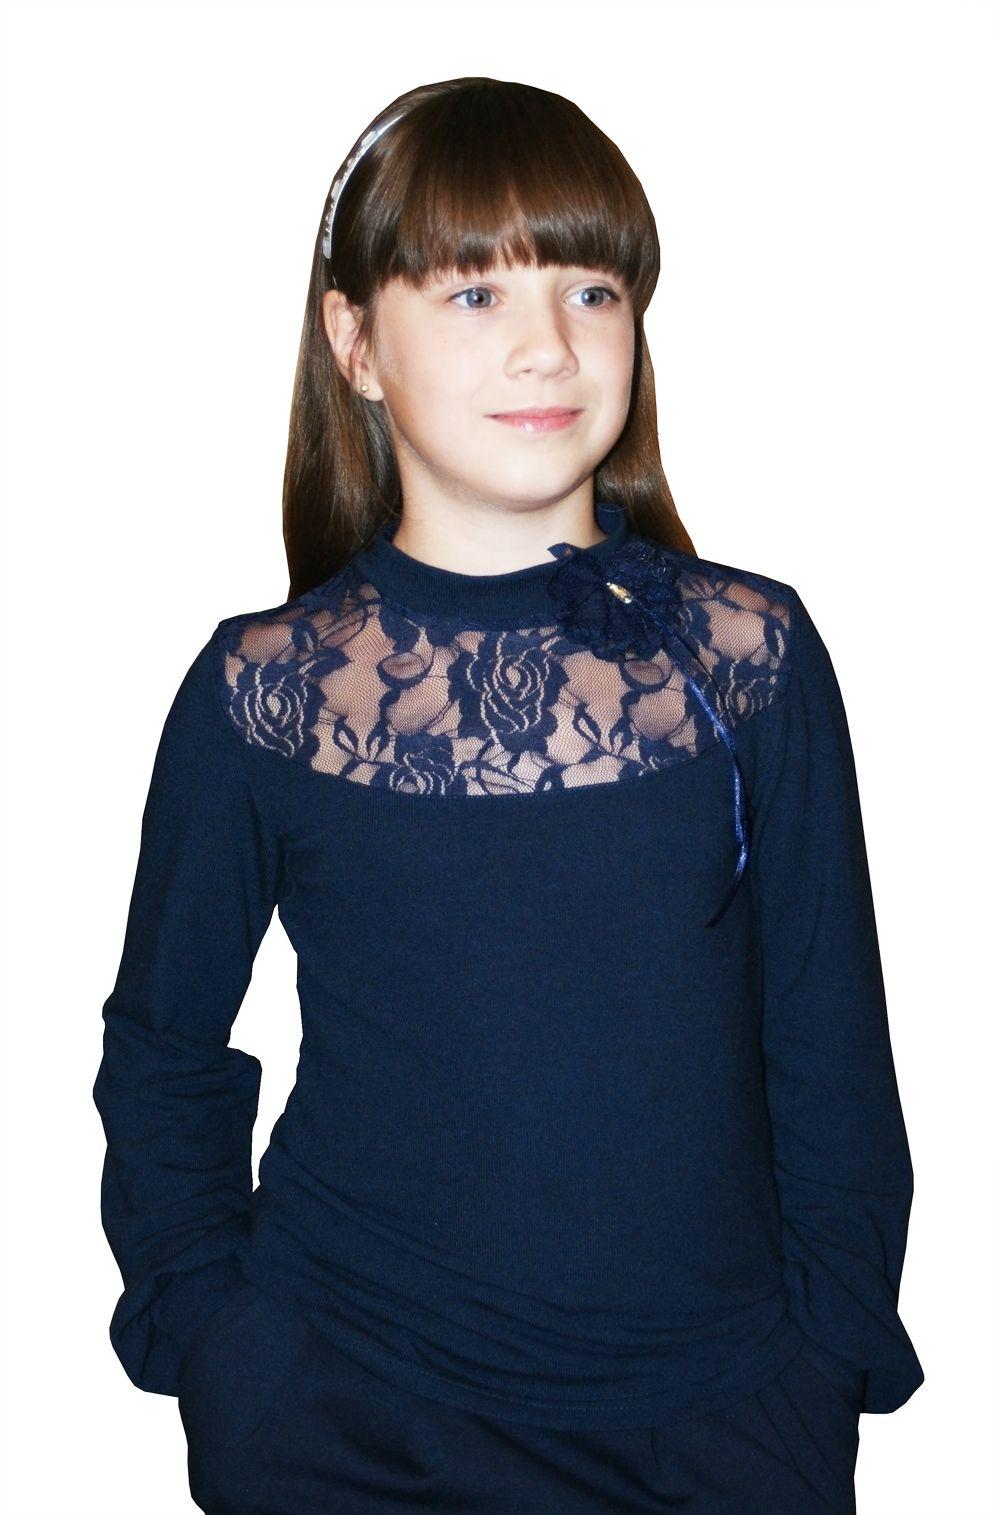 Сбор заказов-6. Нарядные школьные блузки и водолазки без рядов. Одежда для мальчиков. Детская одежда, подчеркивающая индивидуальность ребенка от 3 до 12 лет. НОВИНКИ - темно-синие блузки для школы, а также для торжественных случаев.